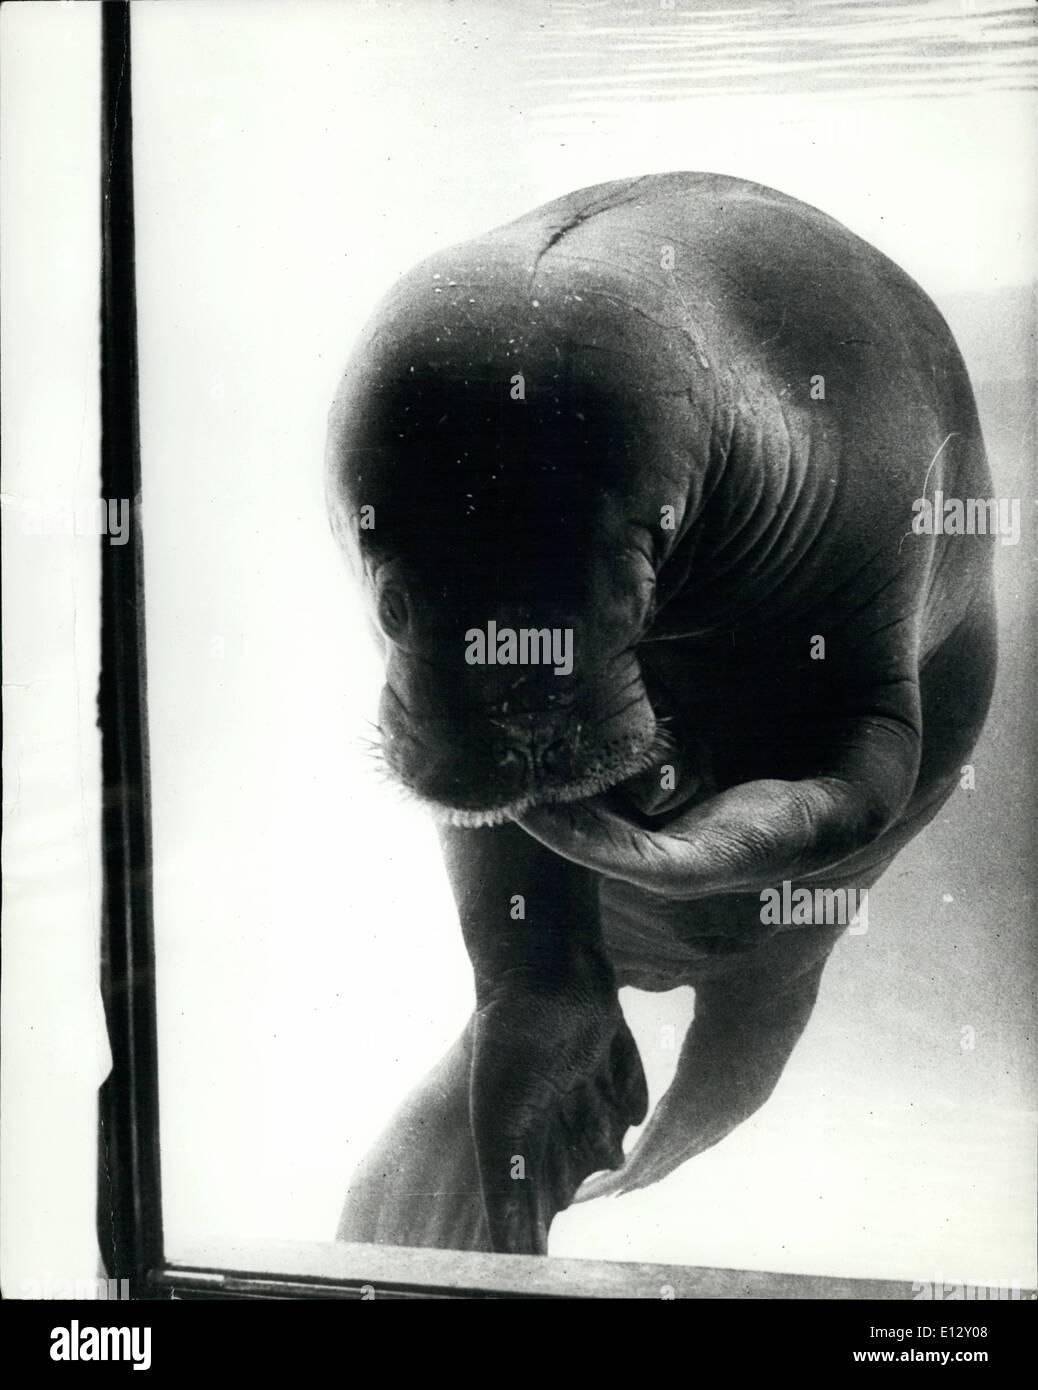 """El 26 de febrero de 2012 - Le llaman reacio. Ans Woofy tímido tímido, se ha ganado el nombre de """"reservado"""" Imagen De Stock"""